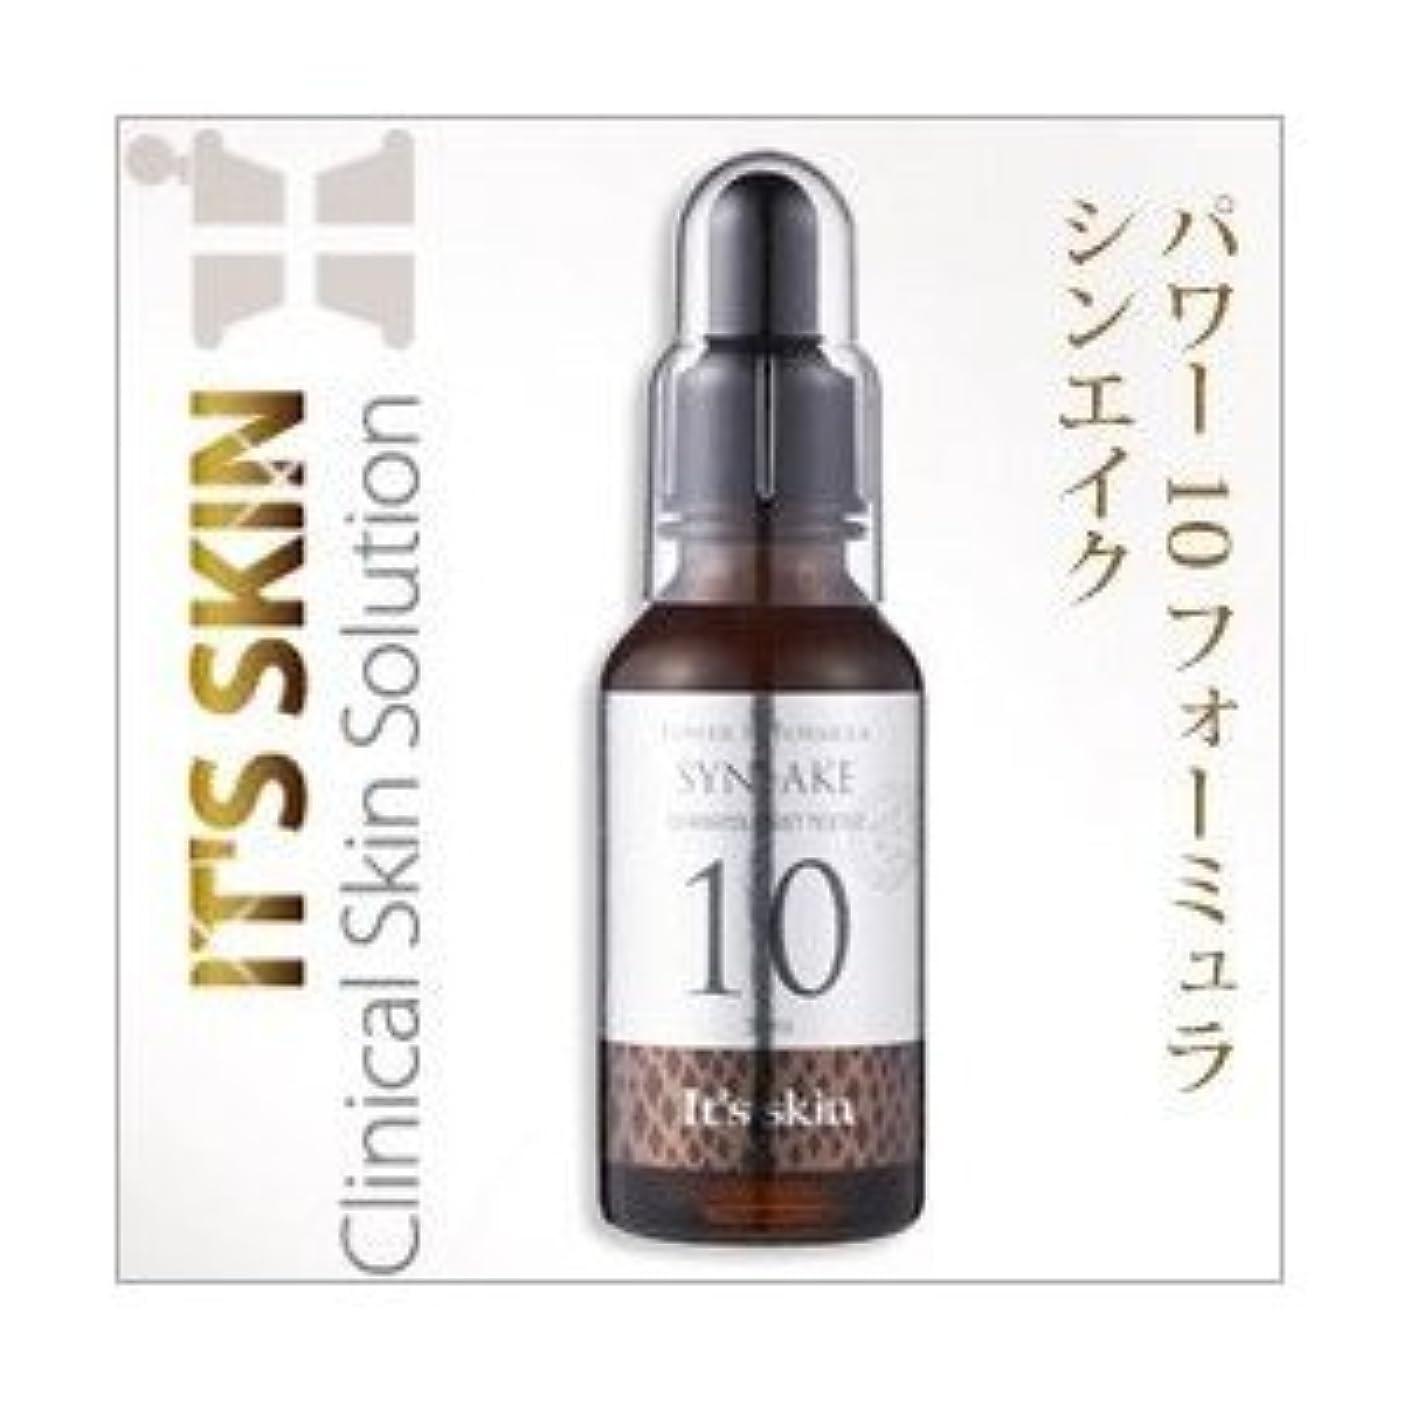 円周数字契約するIt's skin/イッツスキン power 10 formula SYN-AKE パワー 10 フォーミュラ シンエイク (毒ヘビ) 30ml